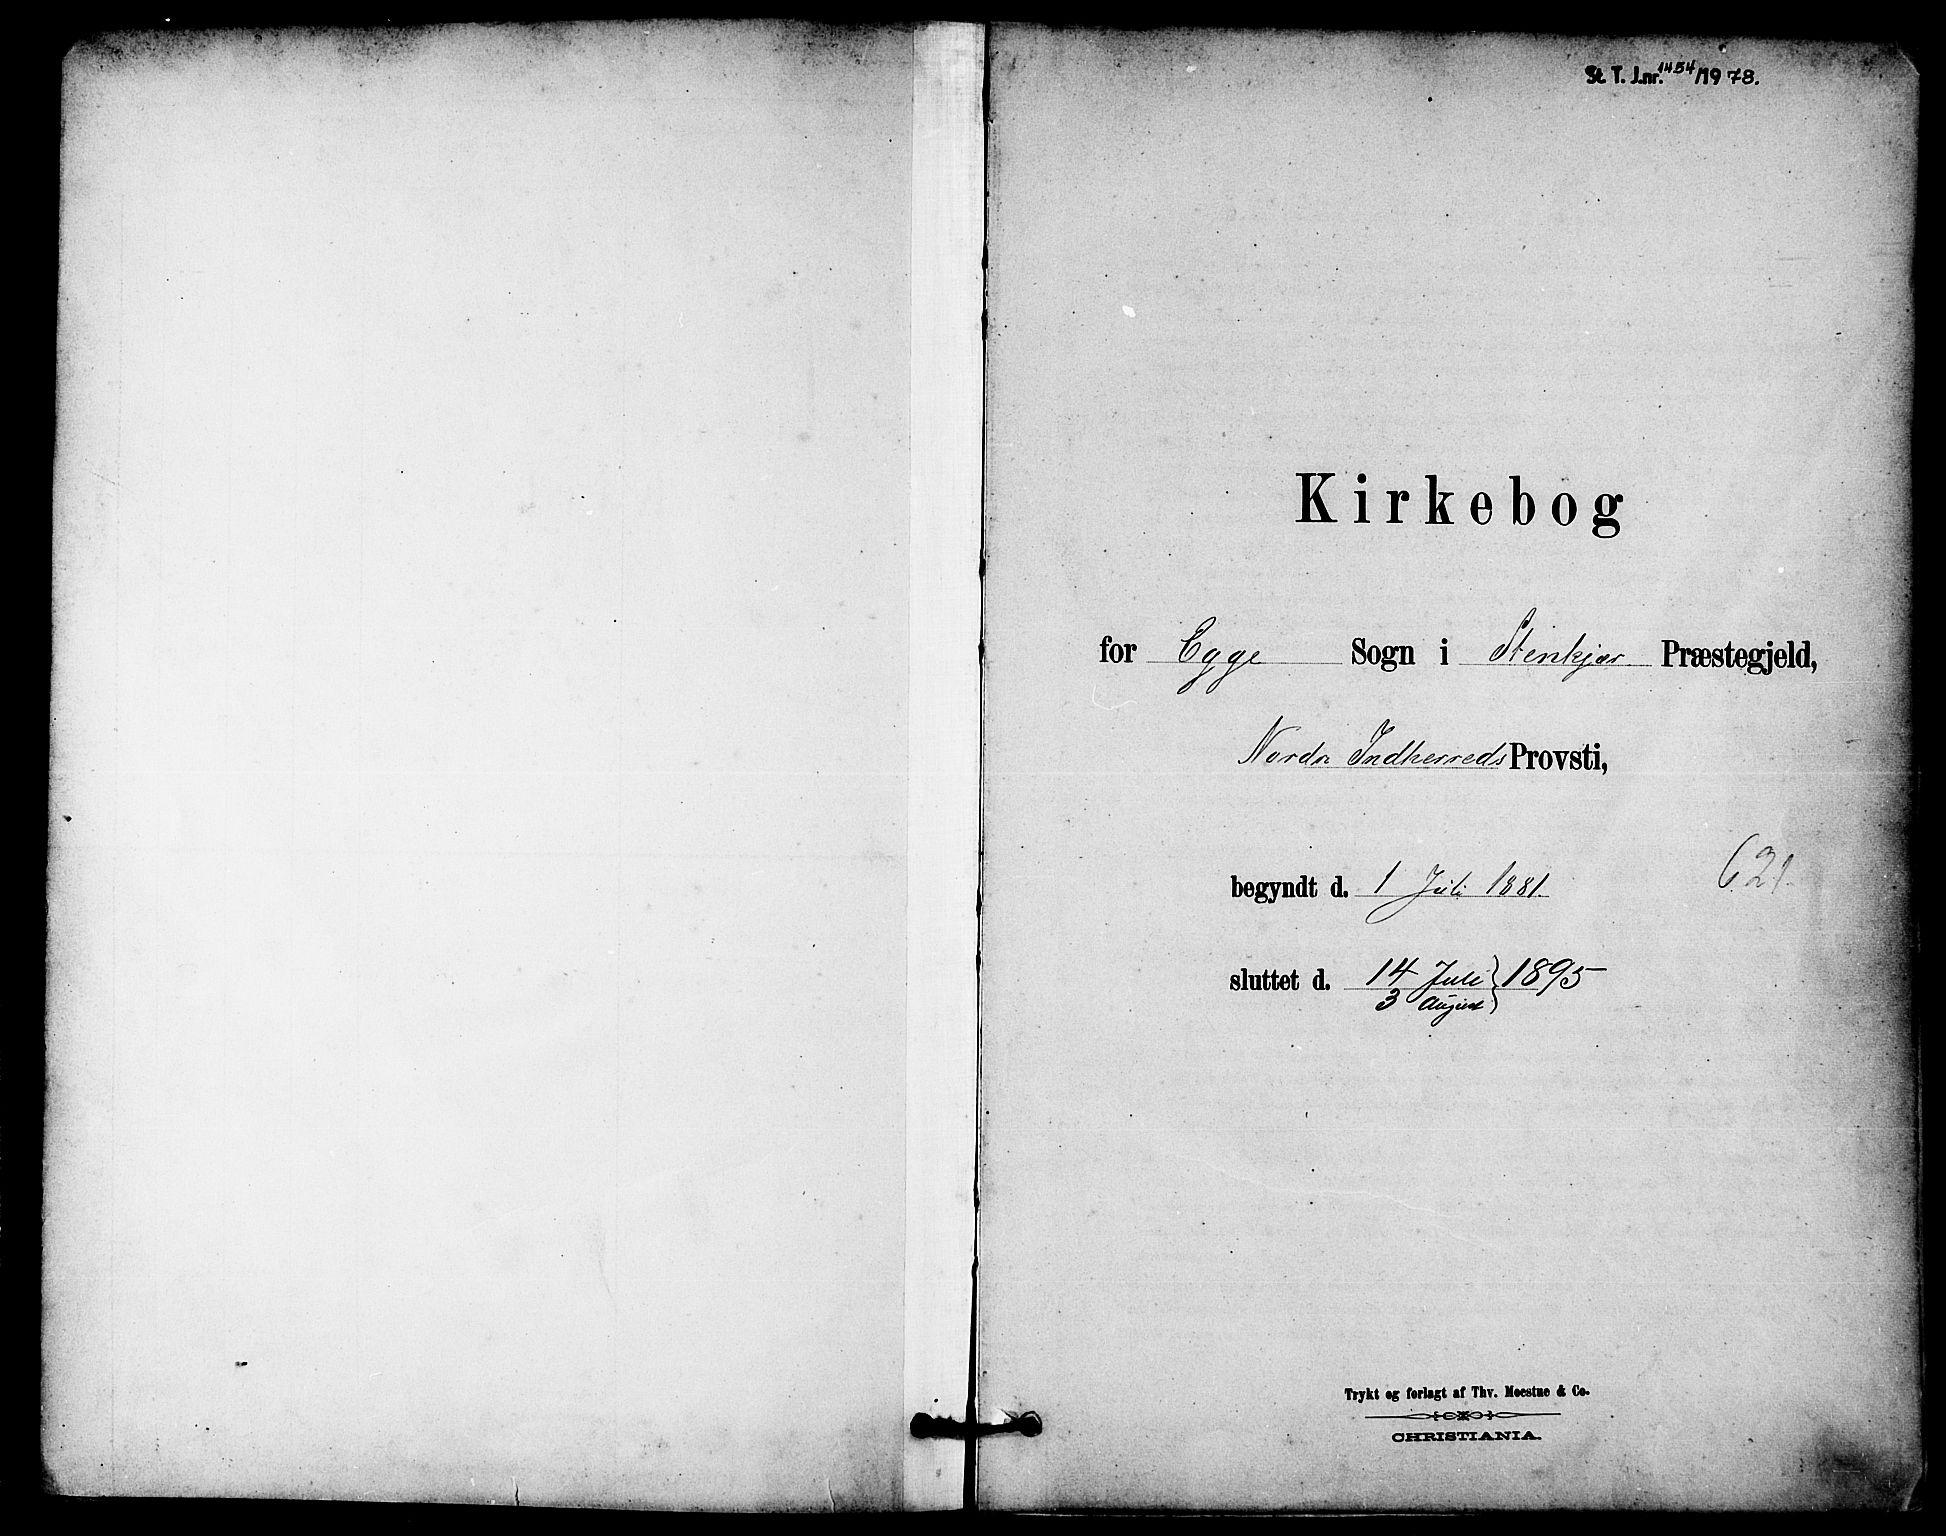 SAT, Ministerialprotokoller, klokkerbøker og fødselsregistre - Nord-Trøndelag, 740/L0378: Ministerialbok nr. 740A01, 1881-1895